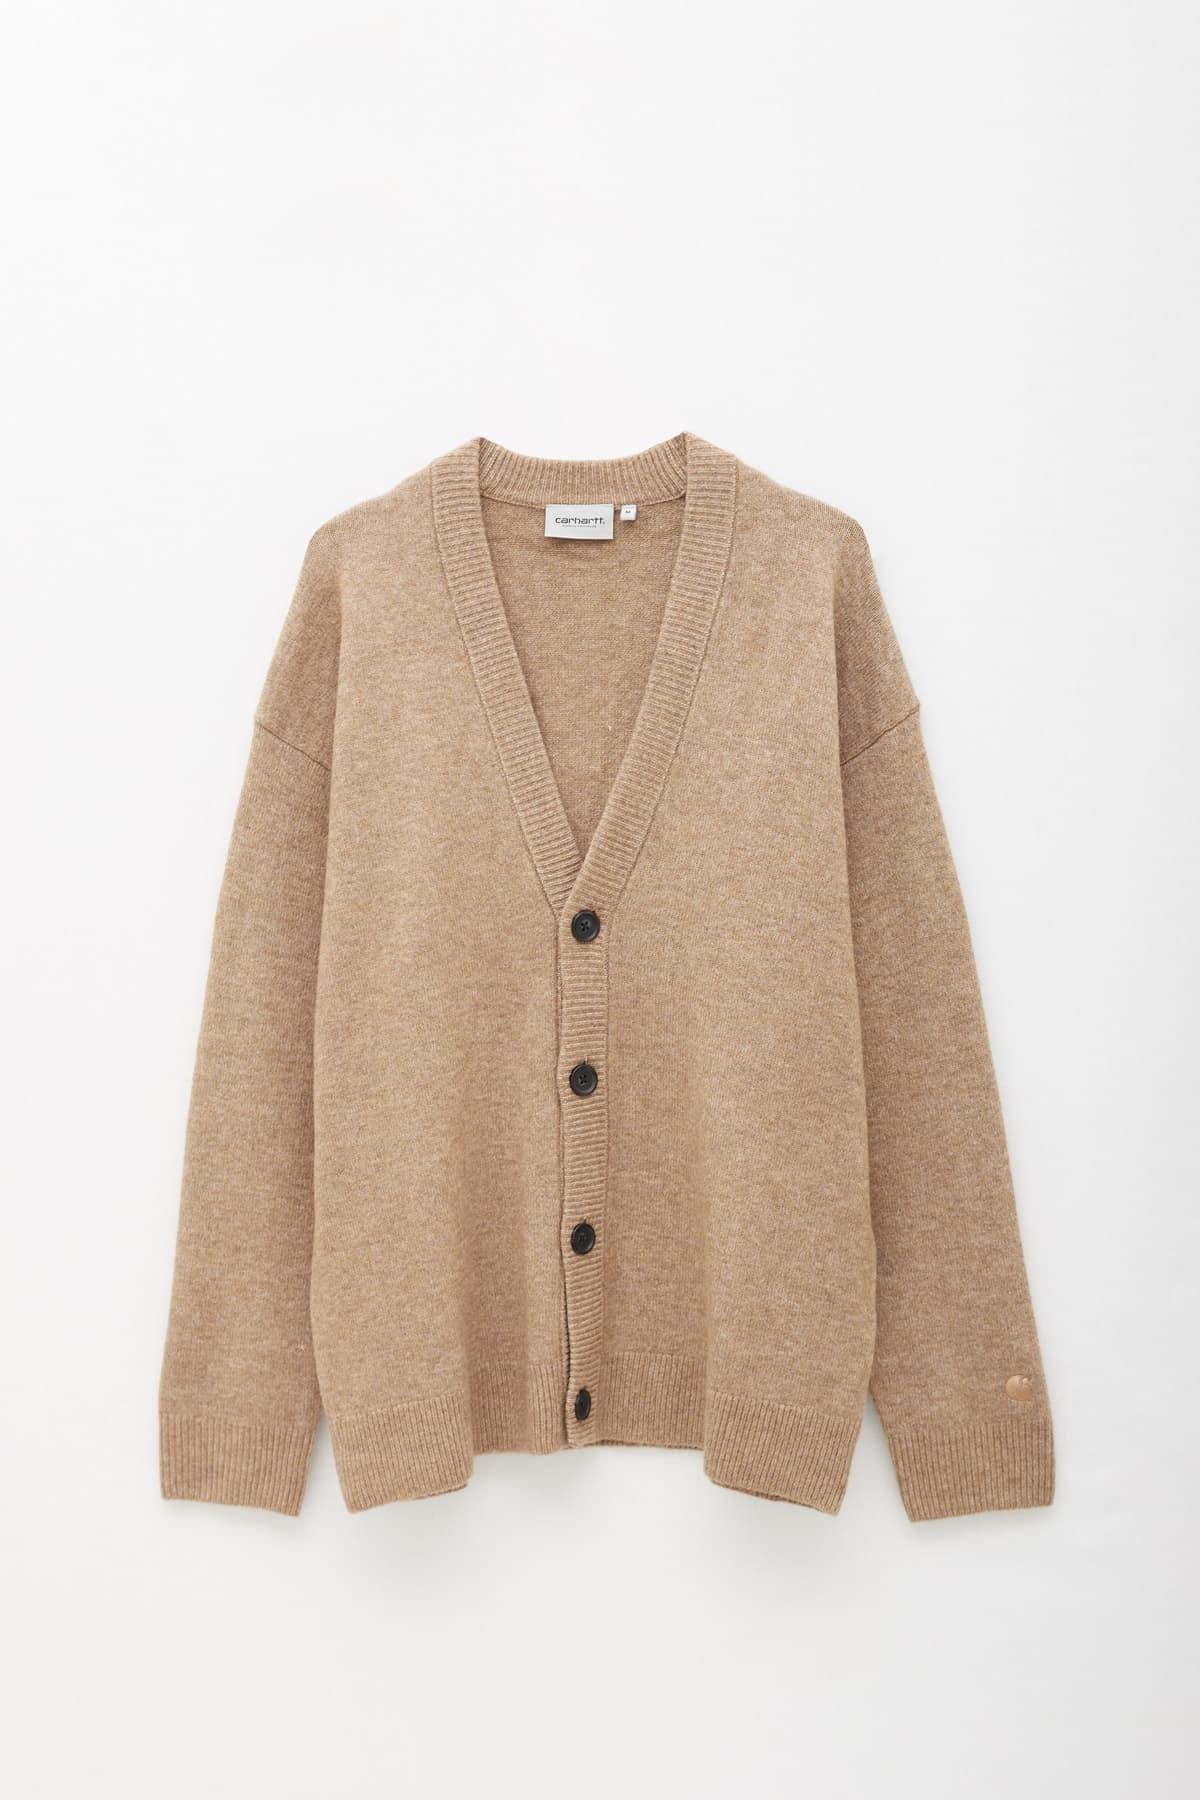 Comprar Maison Kitsuné Grey Melange Varsity Fox Sweatshirt